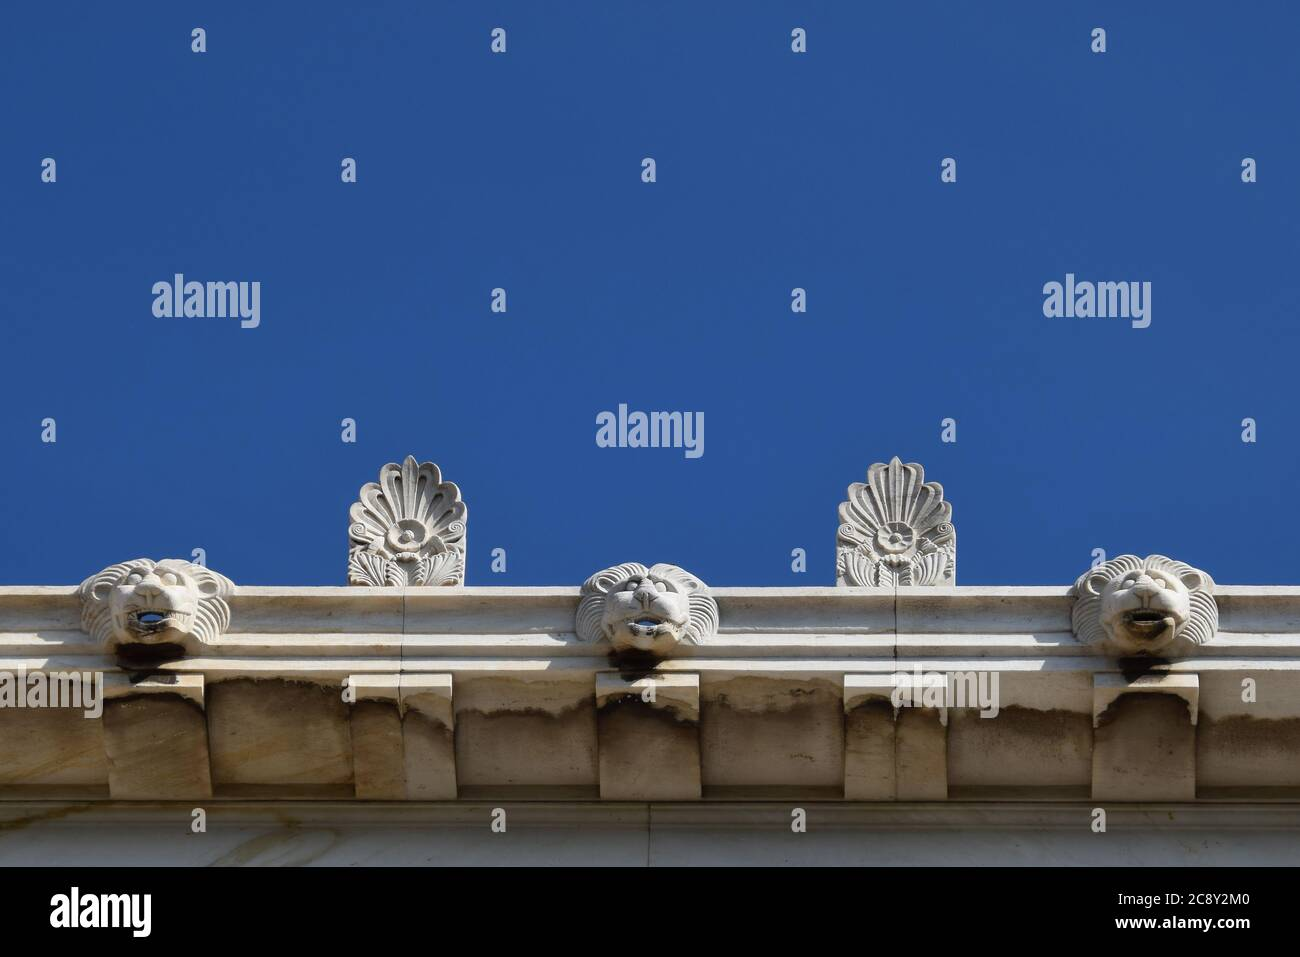 Parures de Palmette et becs de drainage d'eau à la tête de lion sur le toit de STOA Attalos dans l'ancienne Agora d'Athènes, Grèce. Détails architecturaux. Banque D'Images